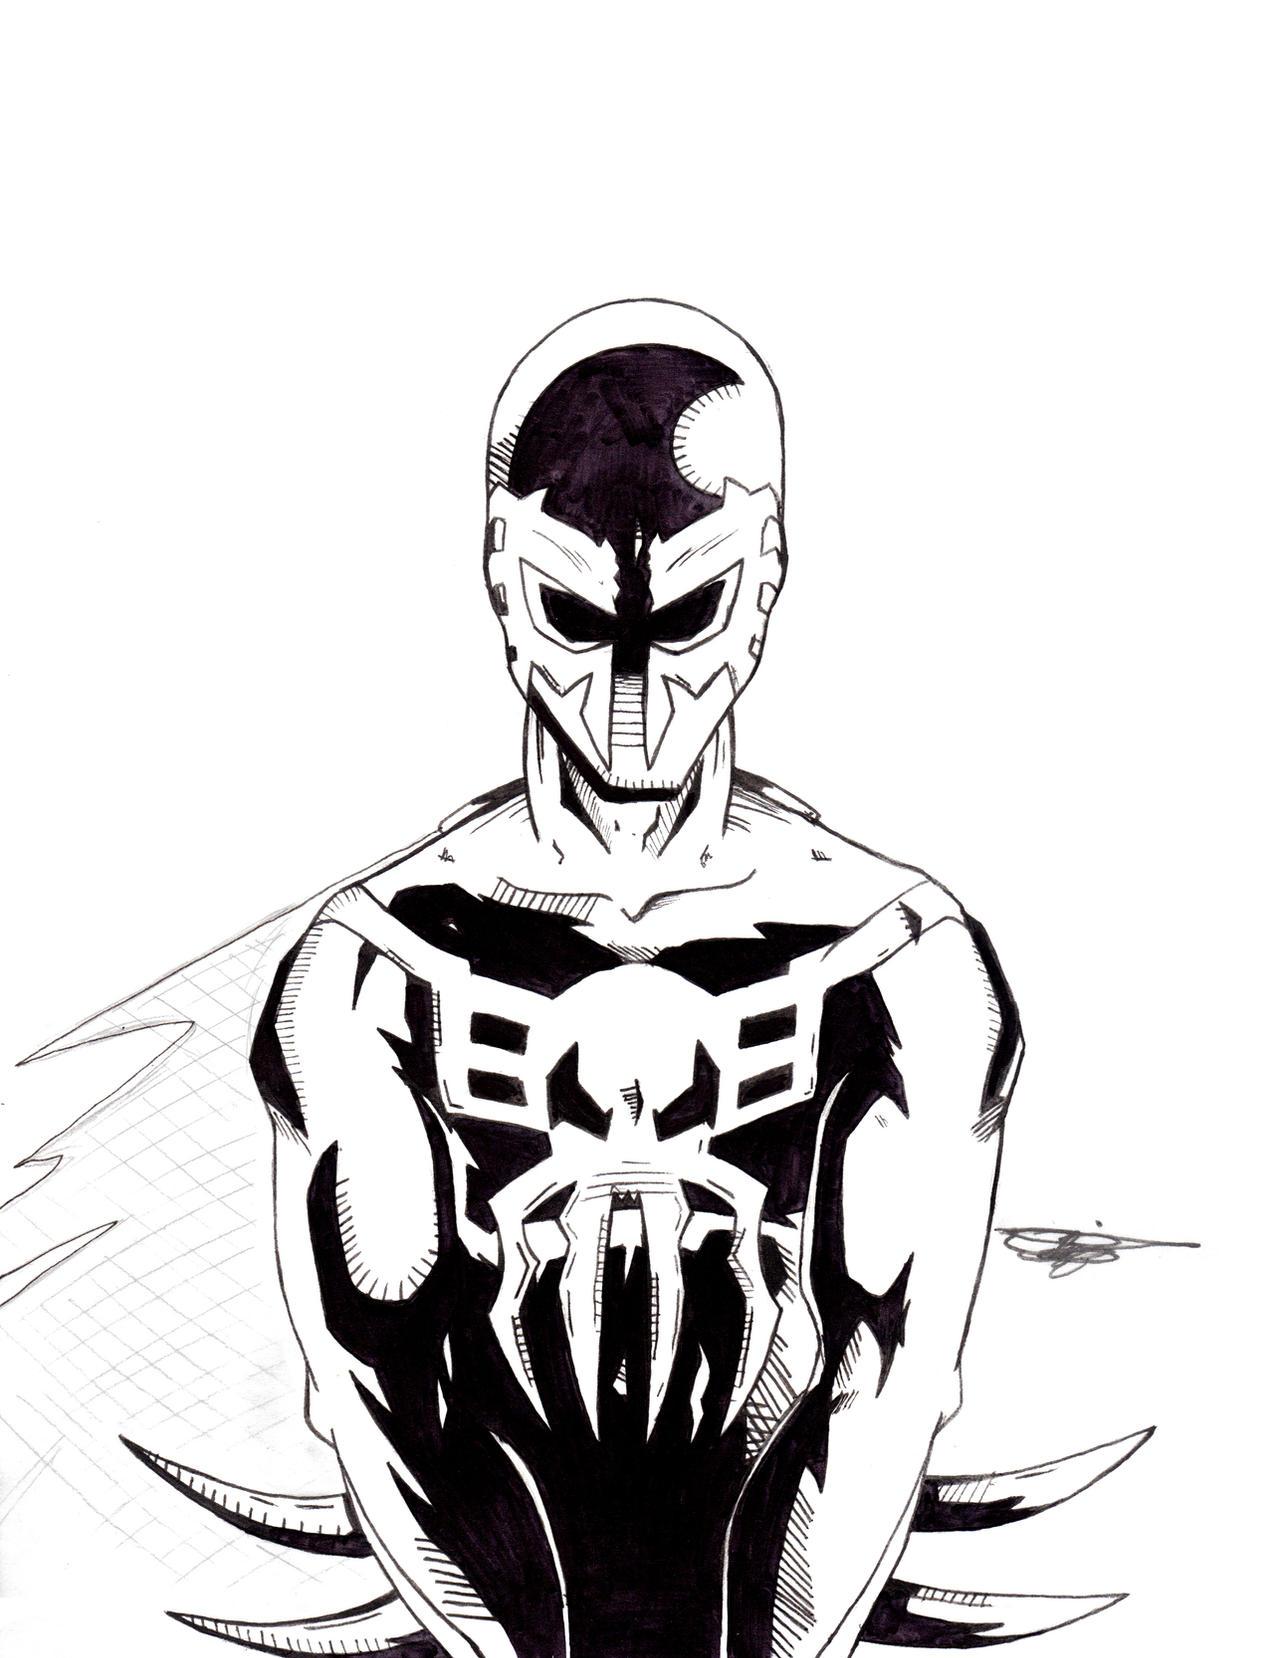 SpiderMan 2099 by DarkRiku12 on DeviantArt